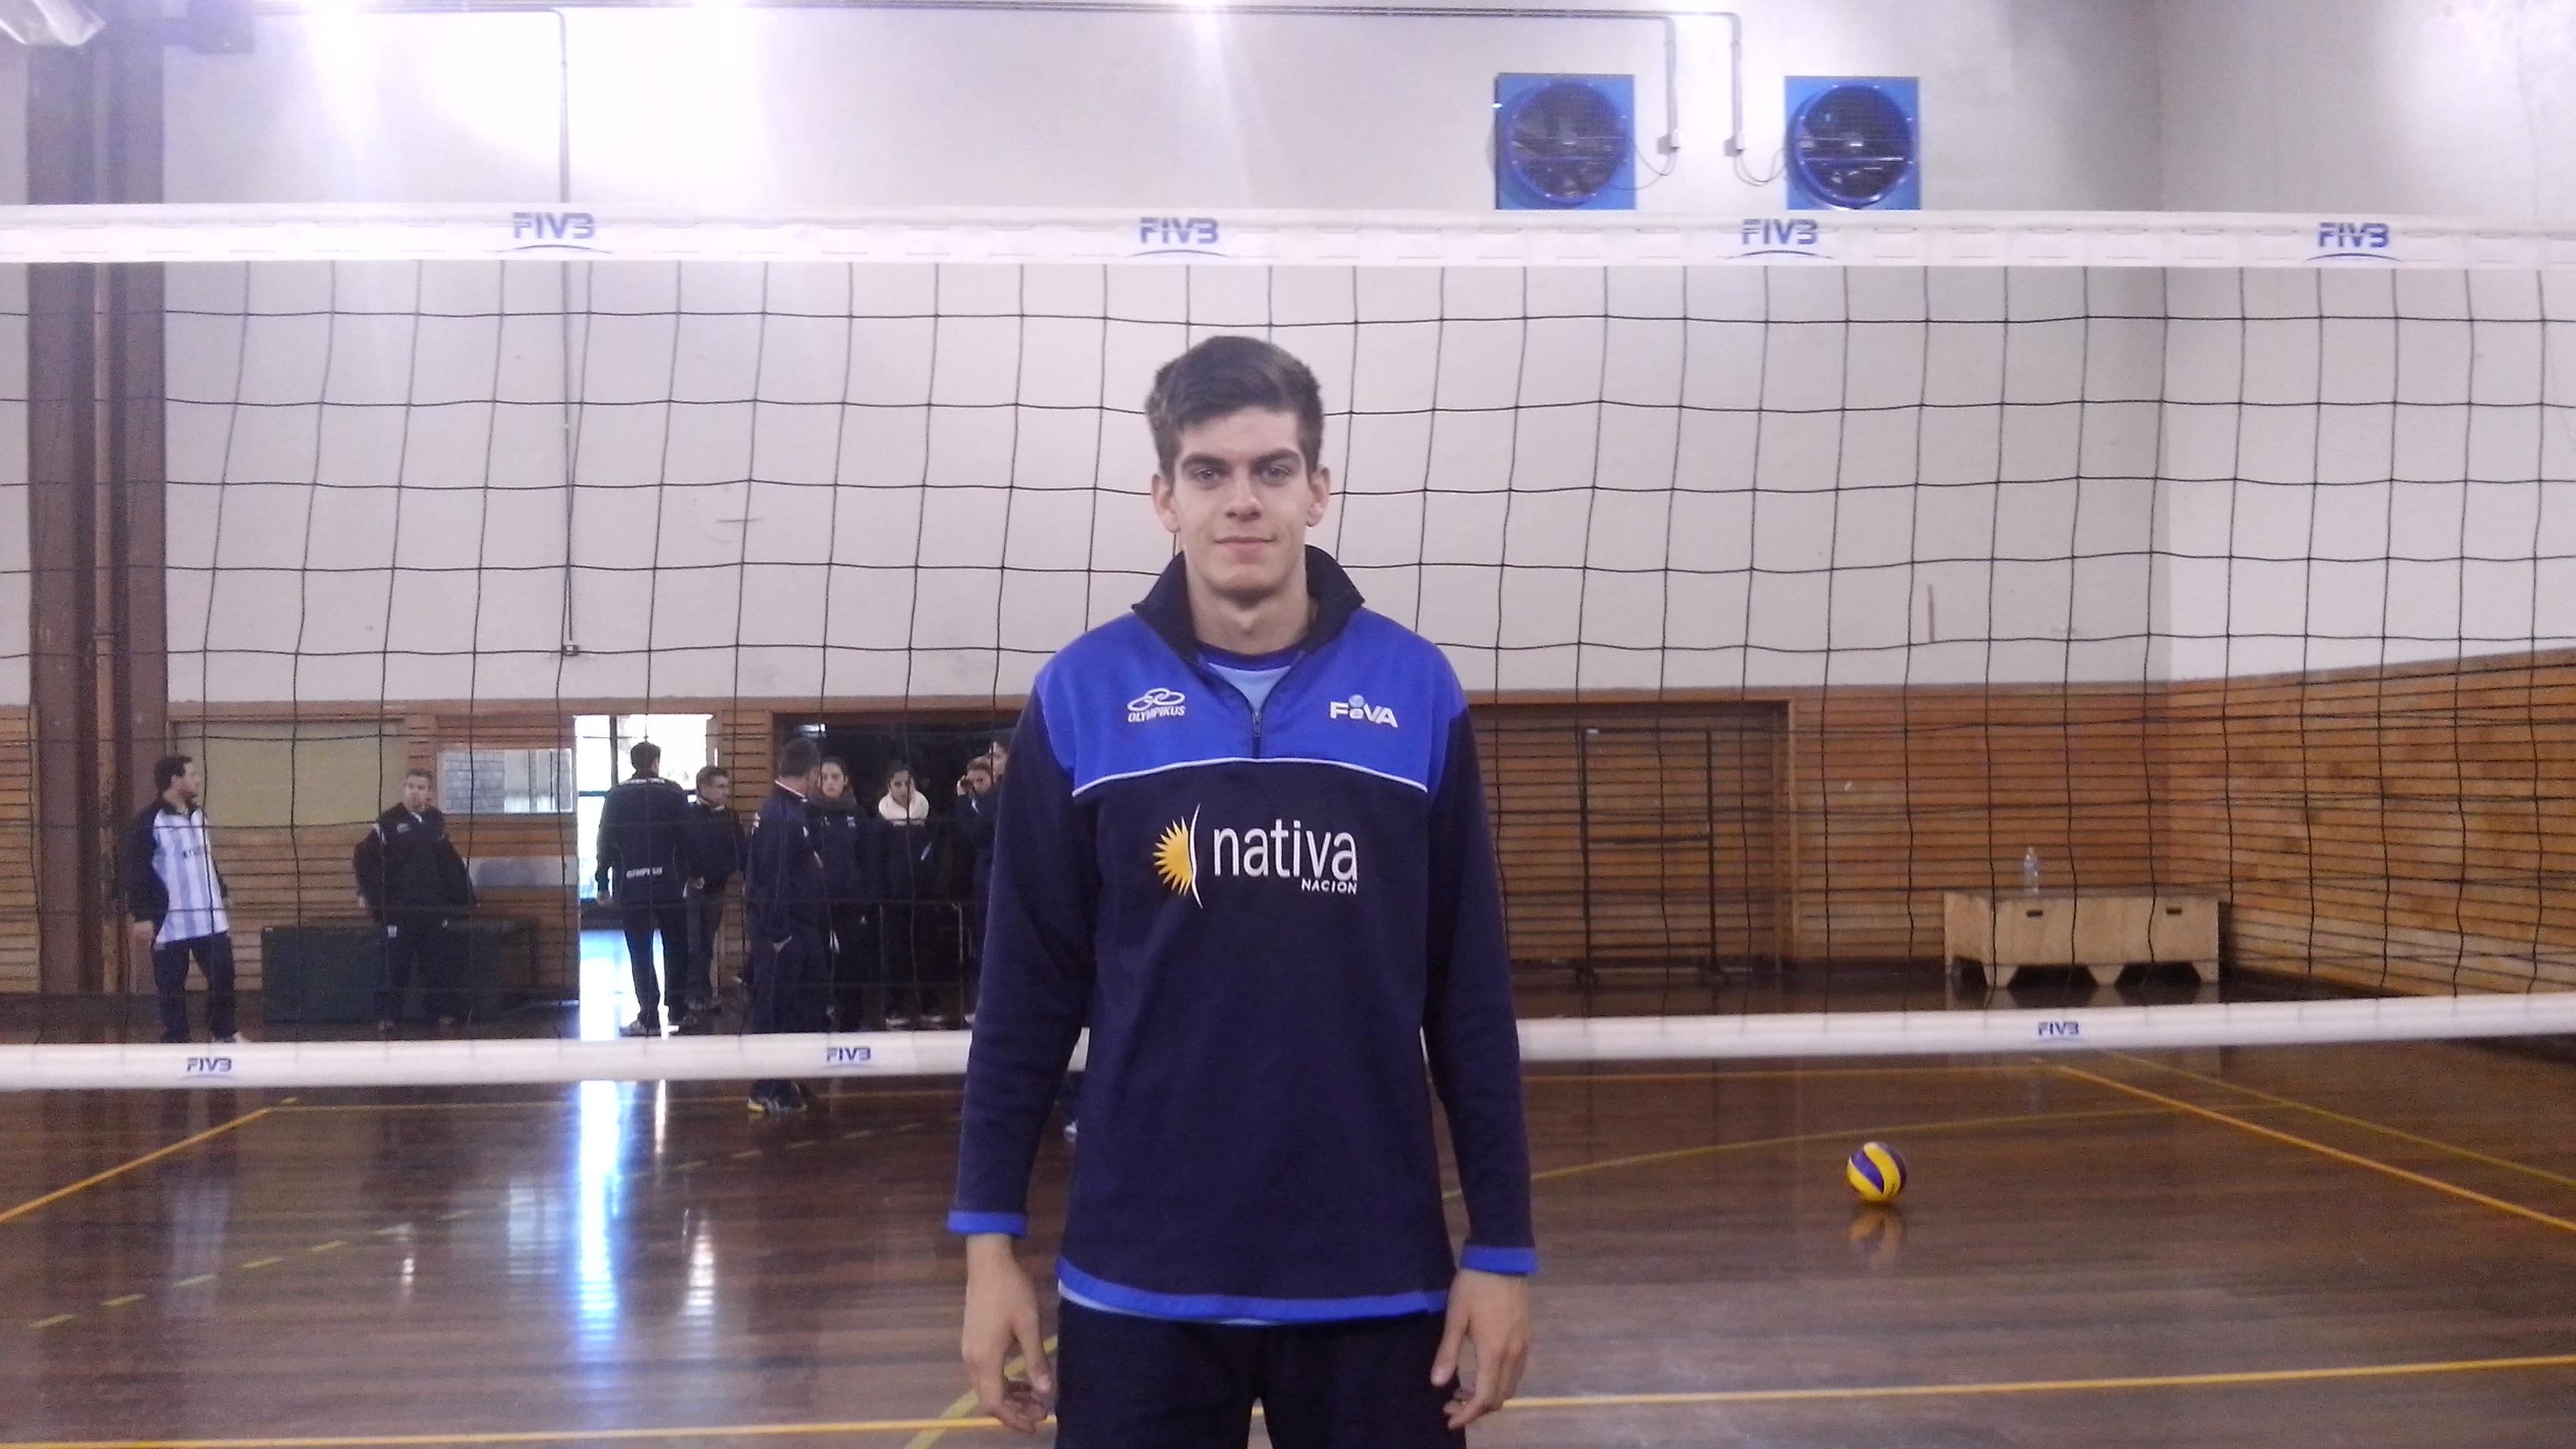 Edgar Vieira